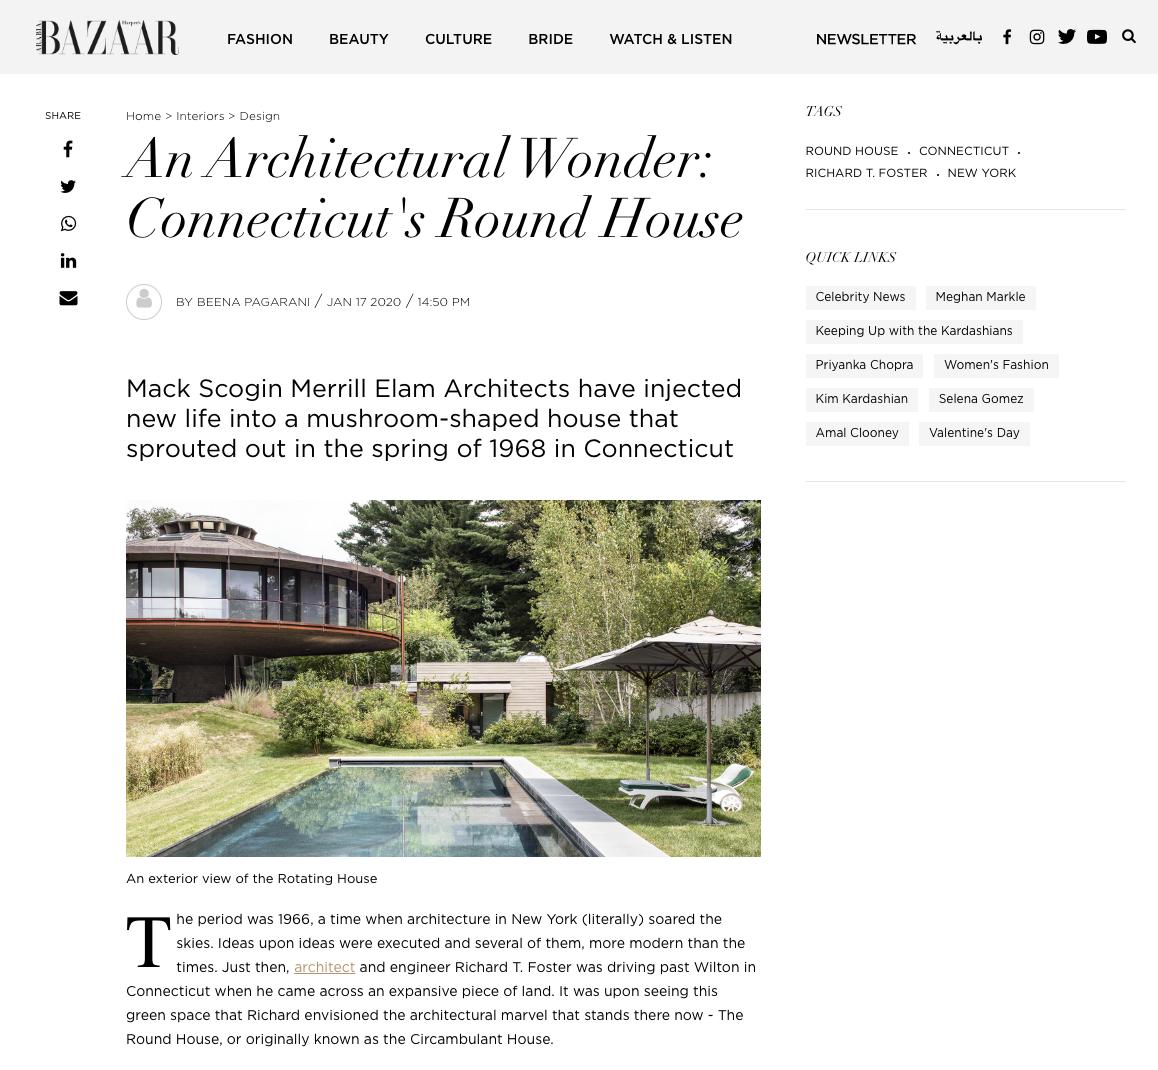 Harper's Bazaar - The Round House